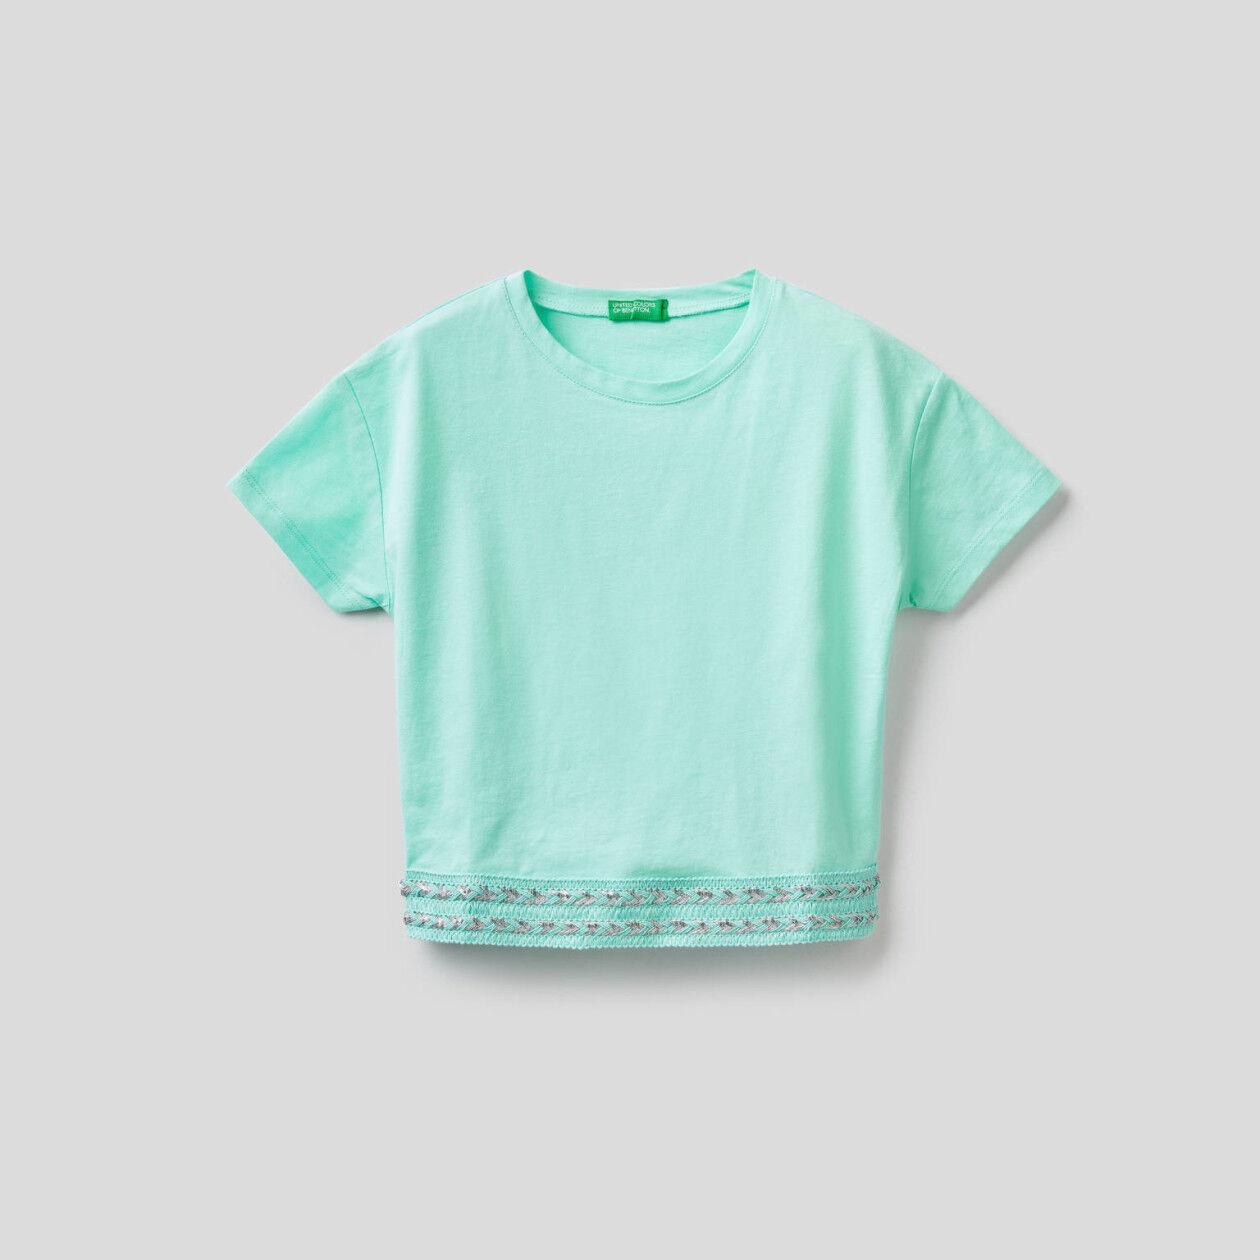 T-shirt in cotone con taglio cropped